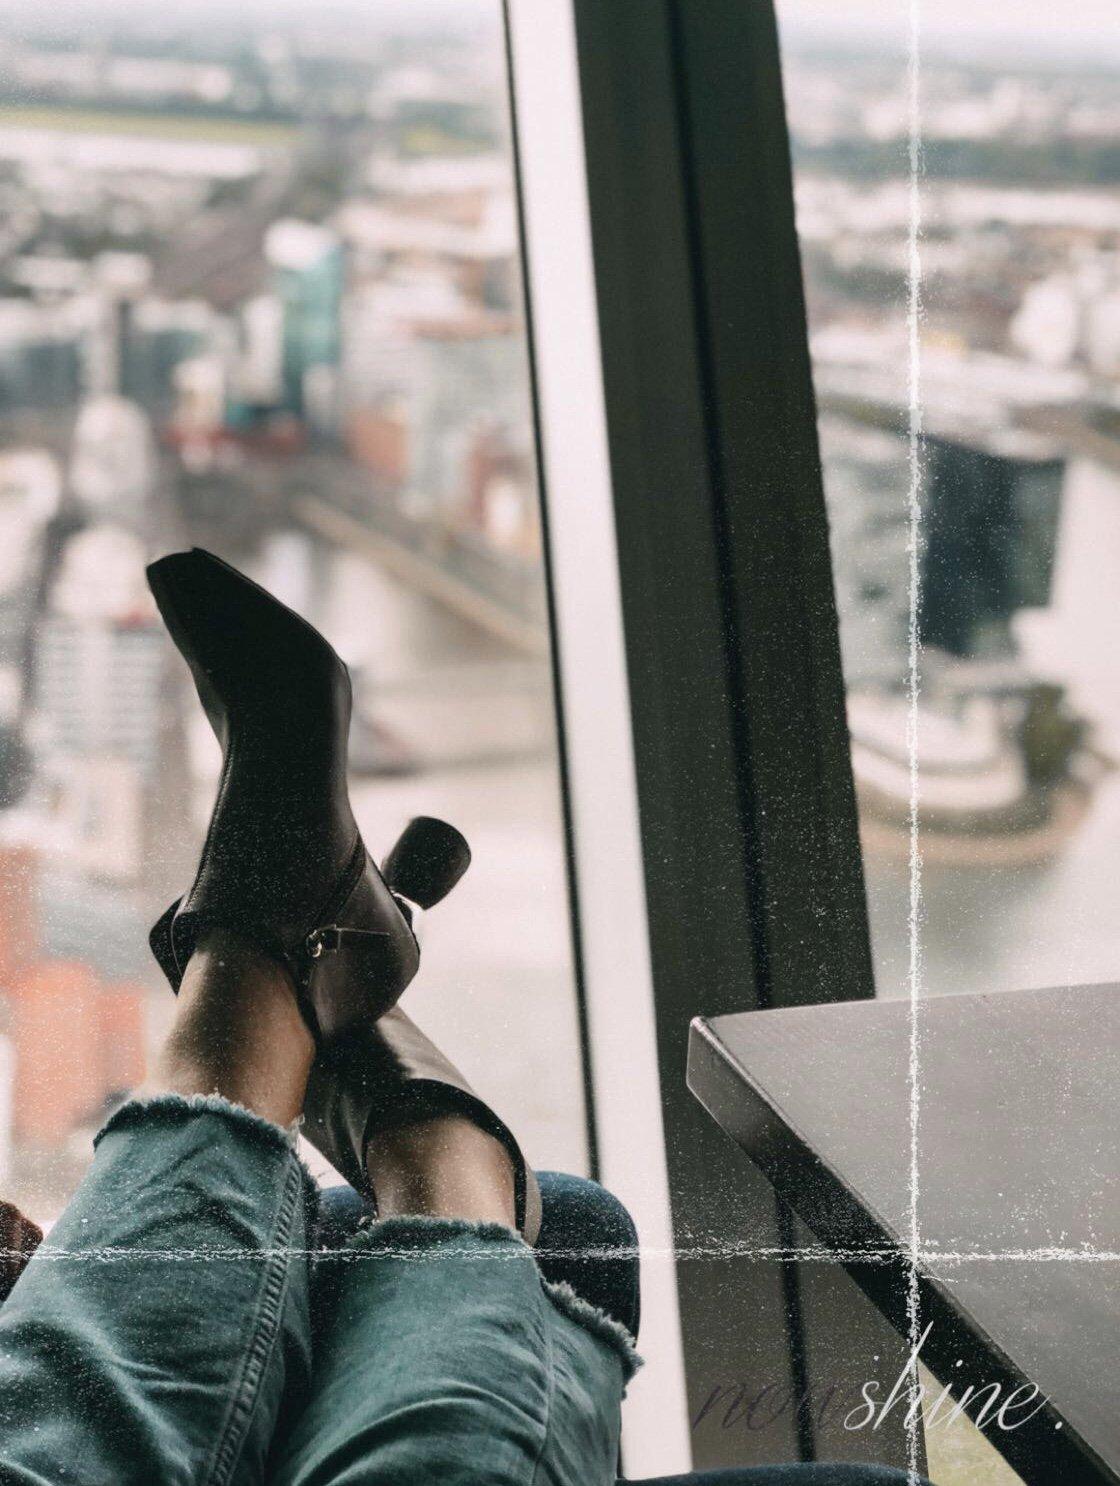 Defense Line von Paula´s Choice - Nowshine Beauty ü40 - my life, my city, my skin Kampagne - Aussicht aus dem Düsseldorfer Rheinturm